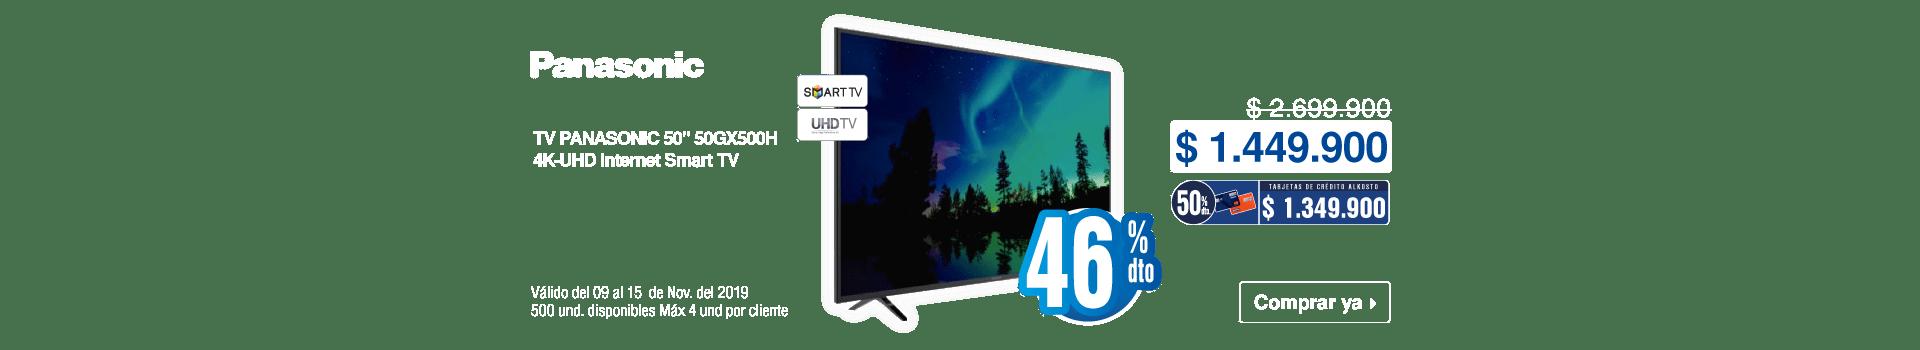 AK-TV-PANASONIC-50GX500-CAT4-09NOV